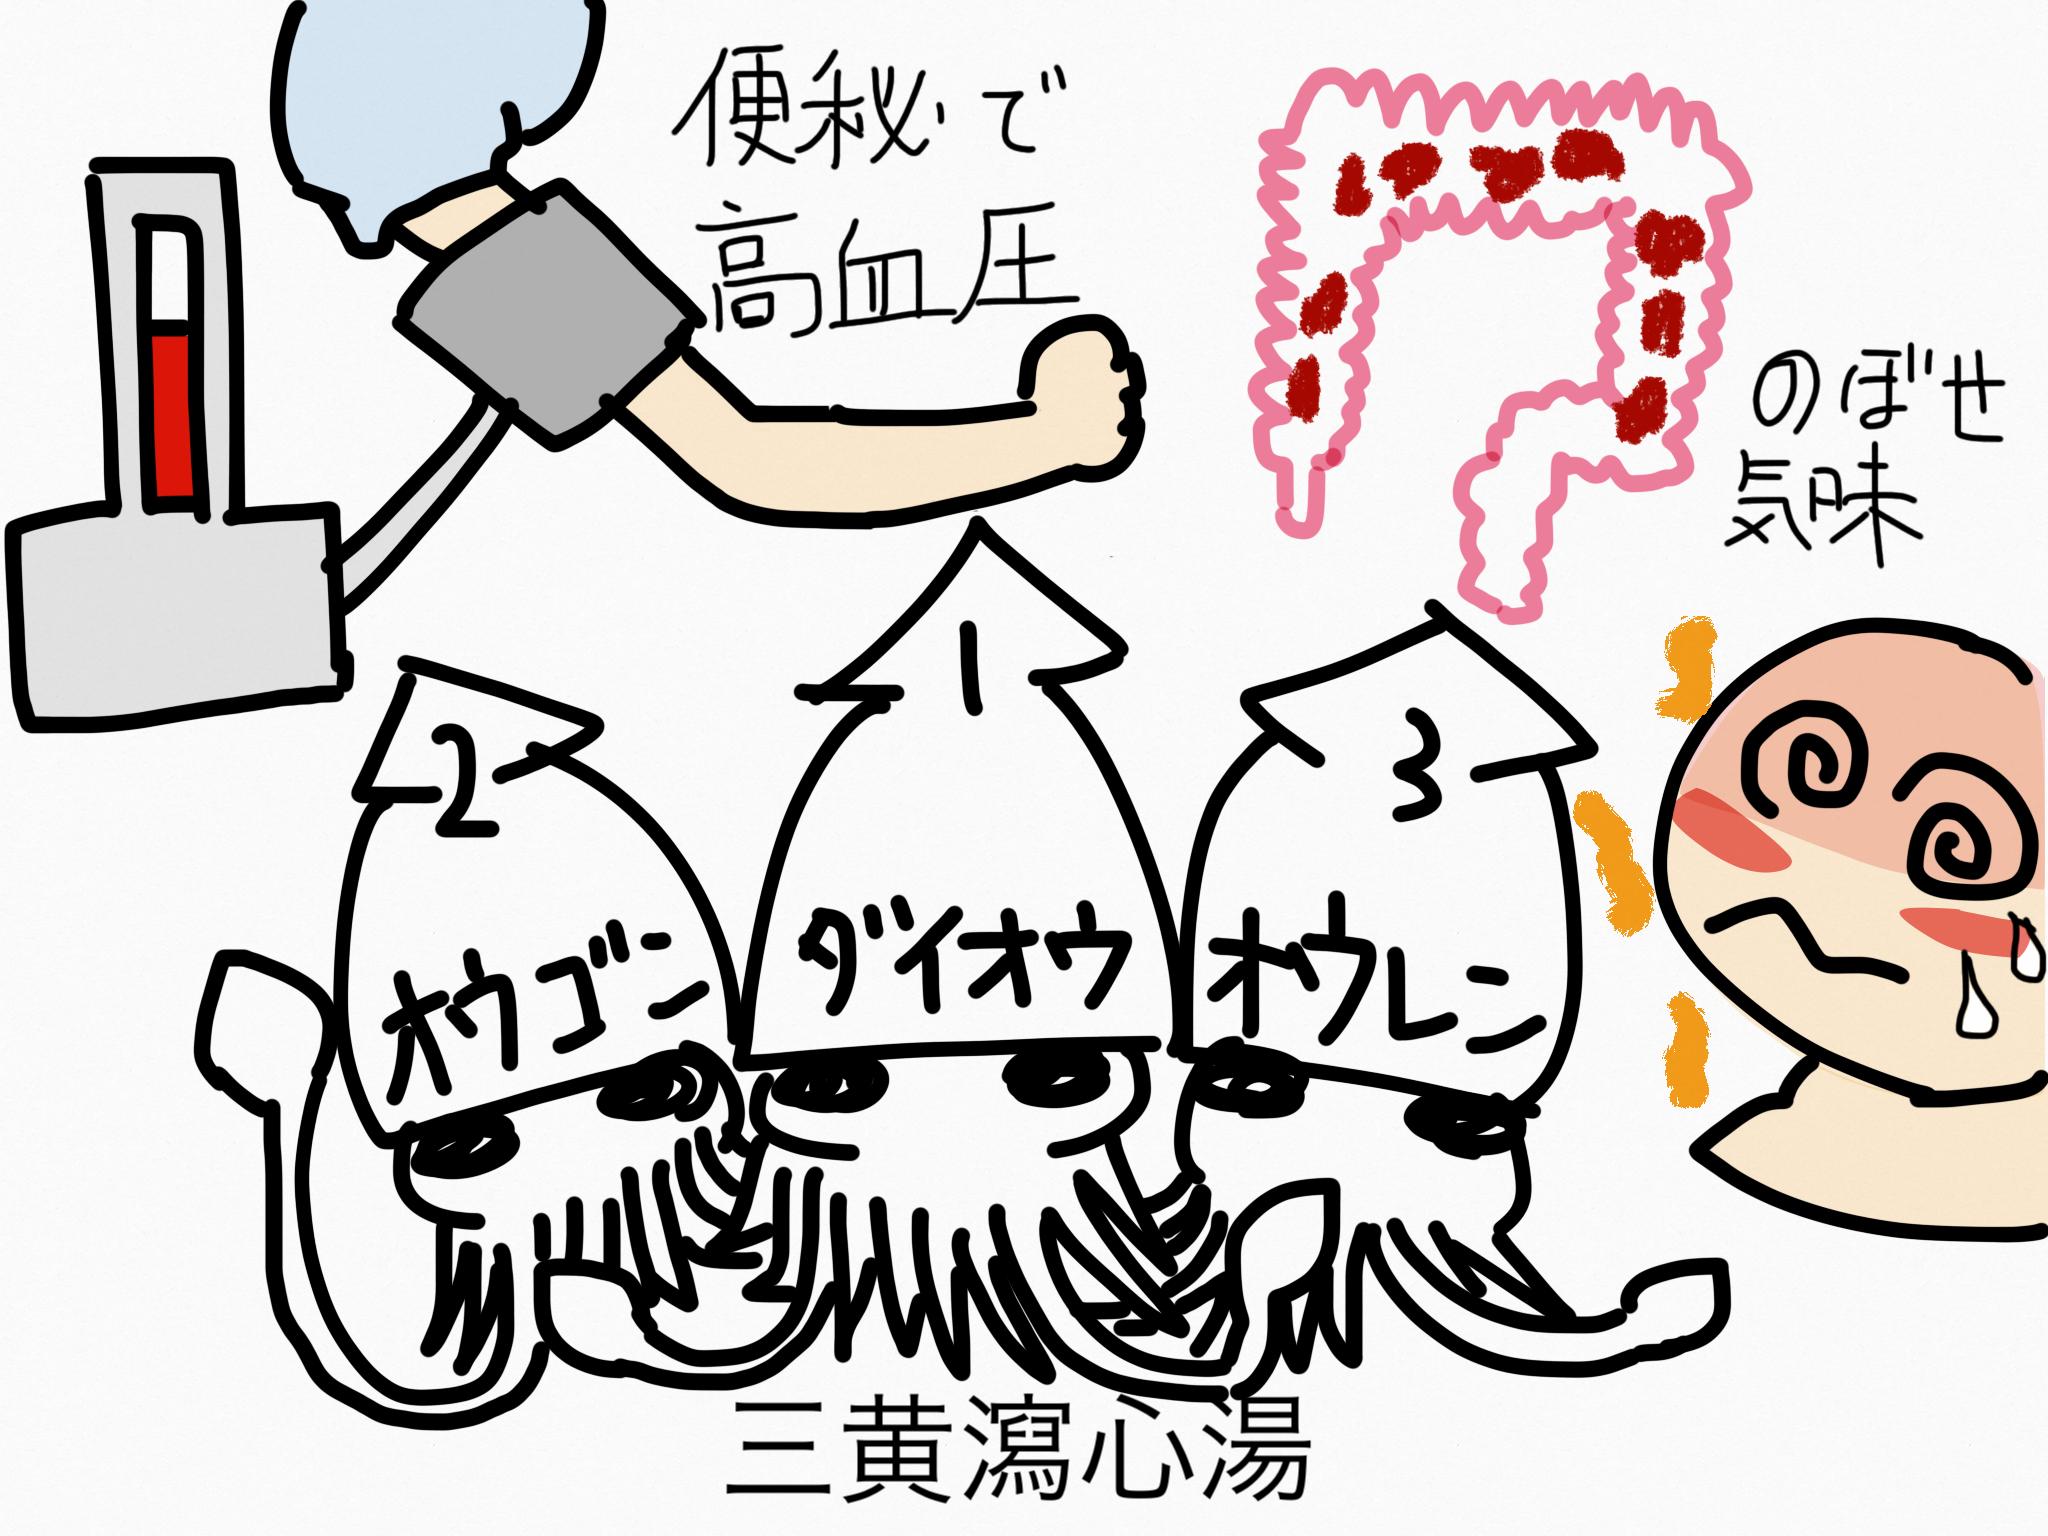 三黄瀉心湯(さんおうしゃしんとう)[高血圧の随伴症状]【漢方の覚え方】